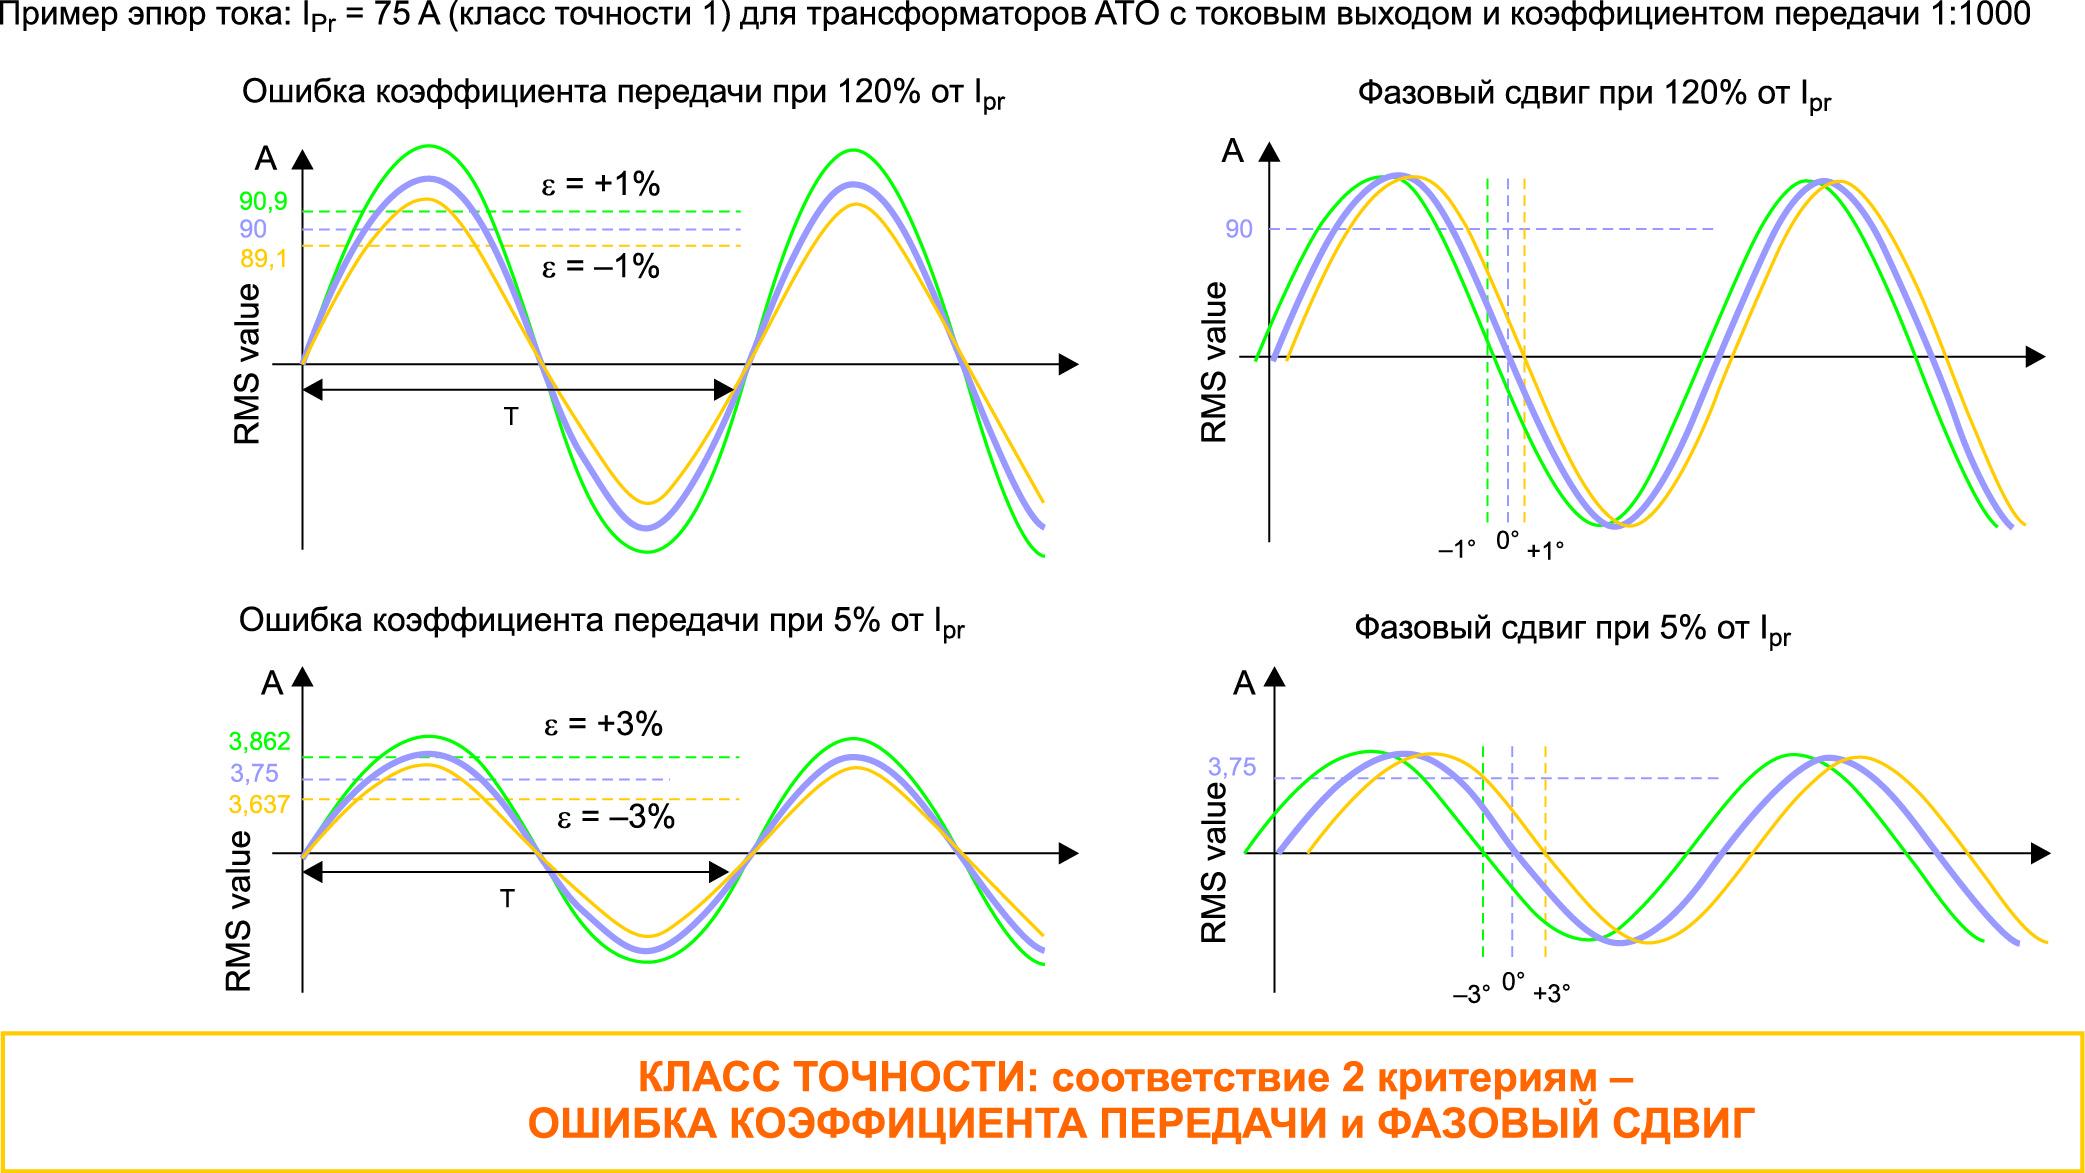 Критерии соответствия классу точности